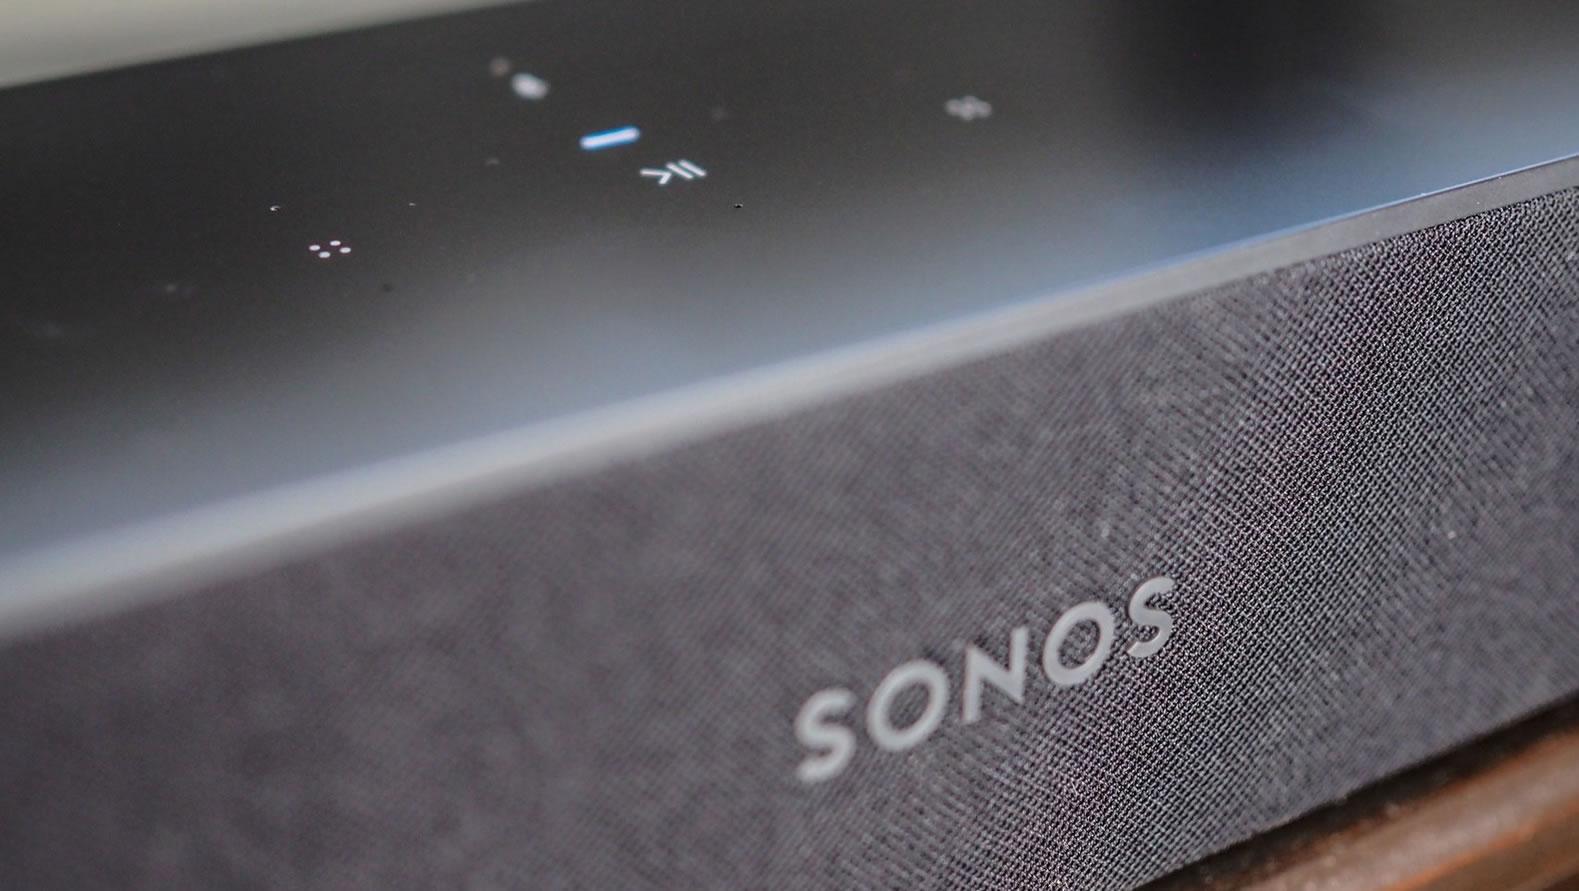 hochwertige und elegante Sonos Geräte erhältlich bei USL Veranstaltungstechnik.